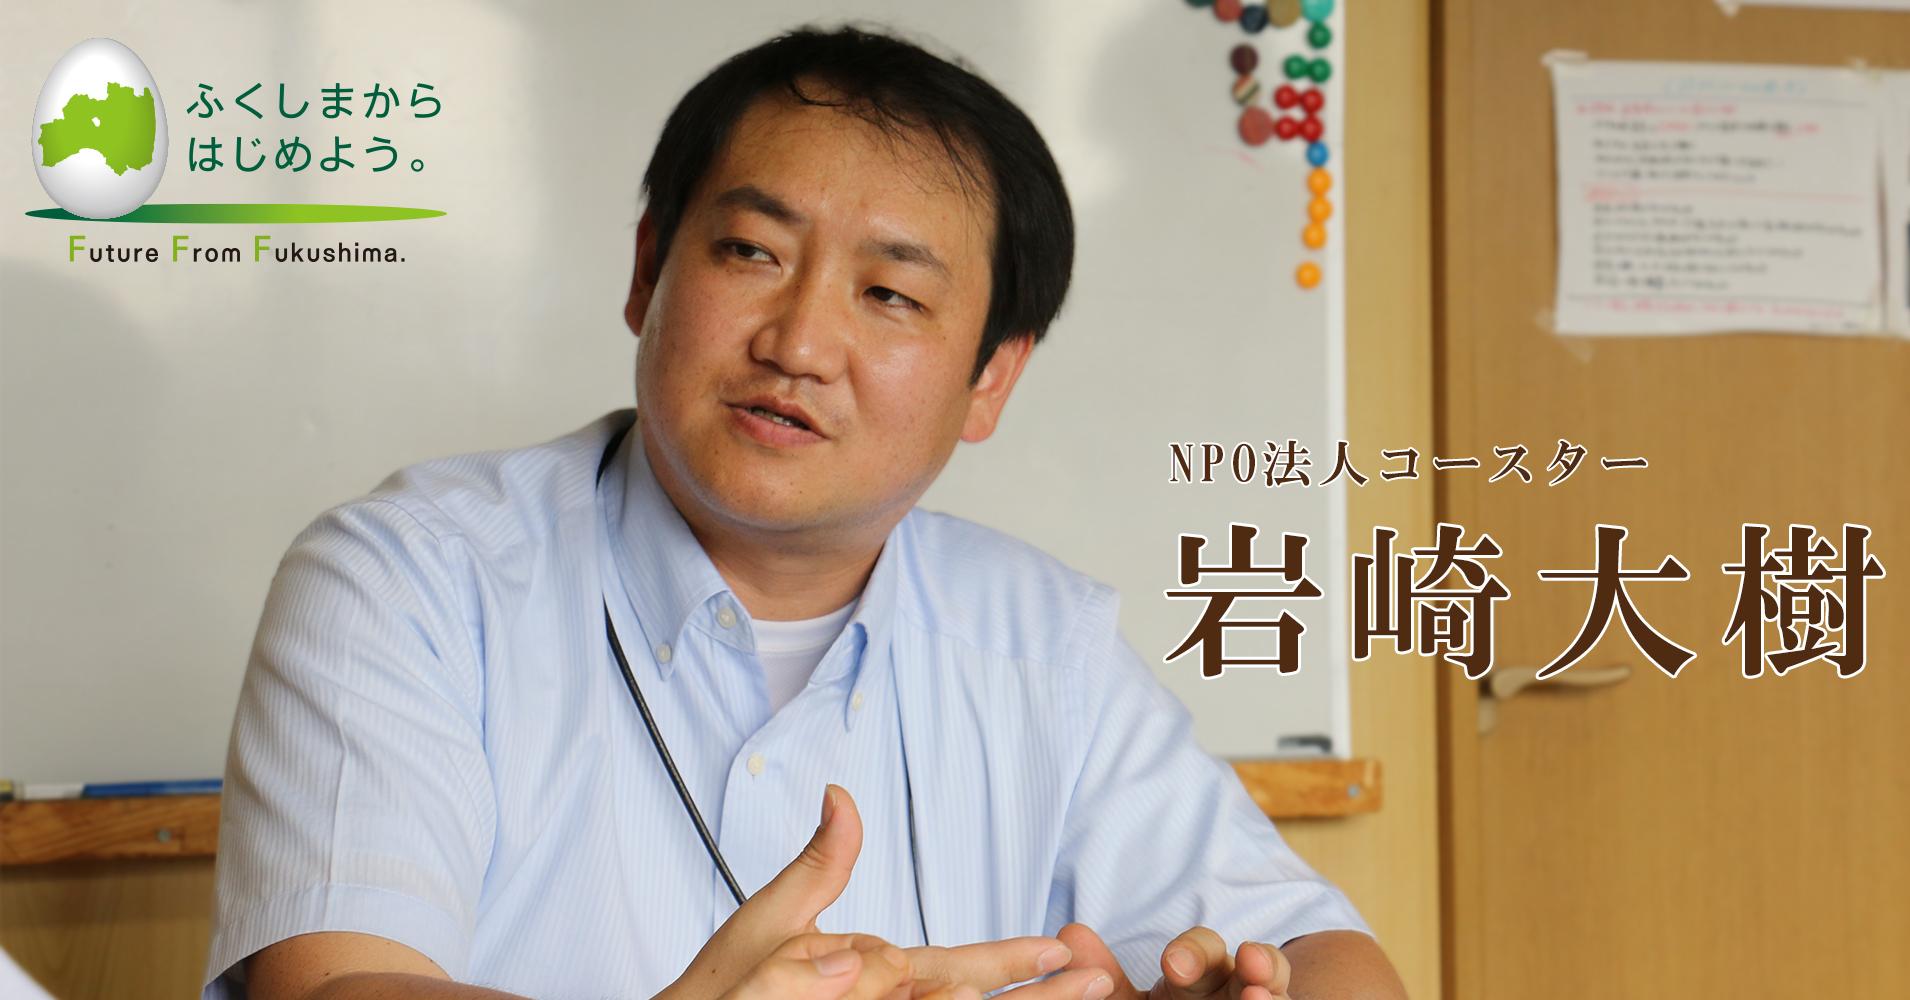 「大した気して」と言われる福島でチャレンジを増やすには? 『福島コトひらく』の仕掛け人が語るこれからのコミュニティスペースの創り方(NPO法人コースター 岩崎大樹さん)